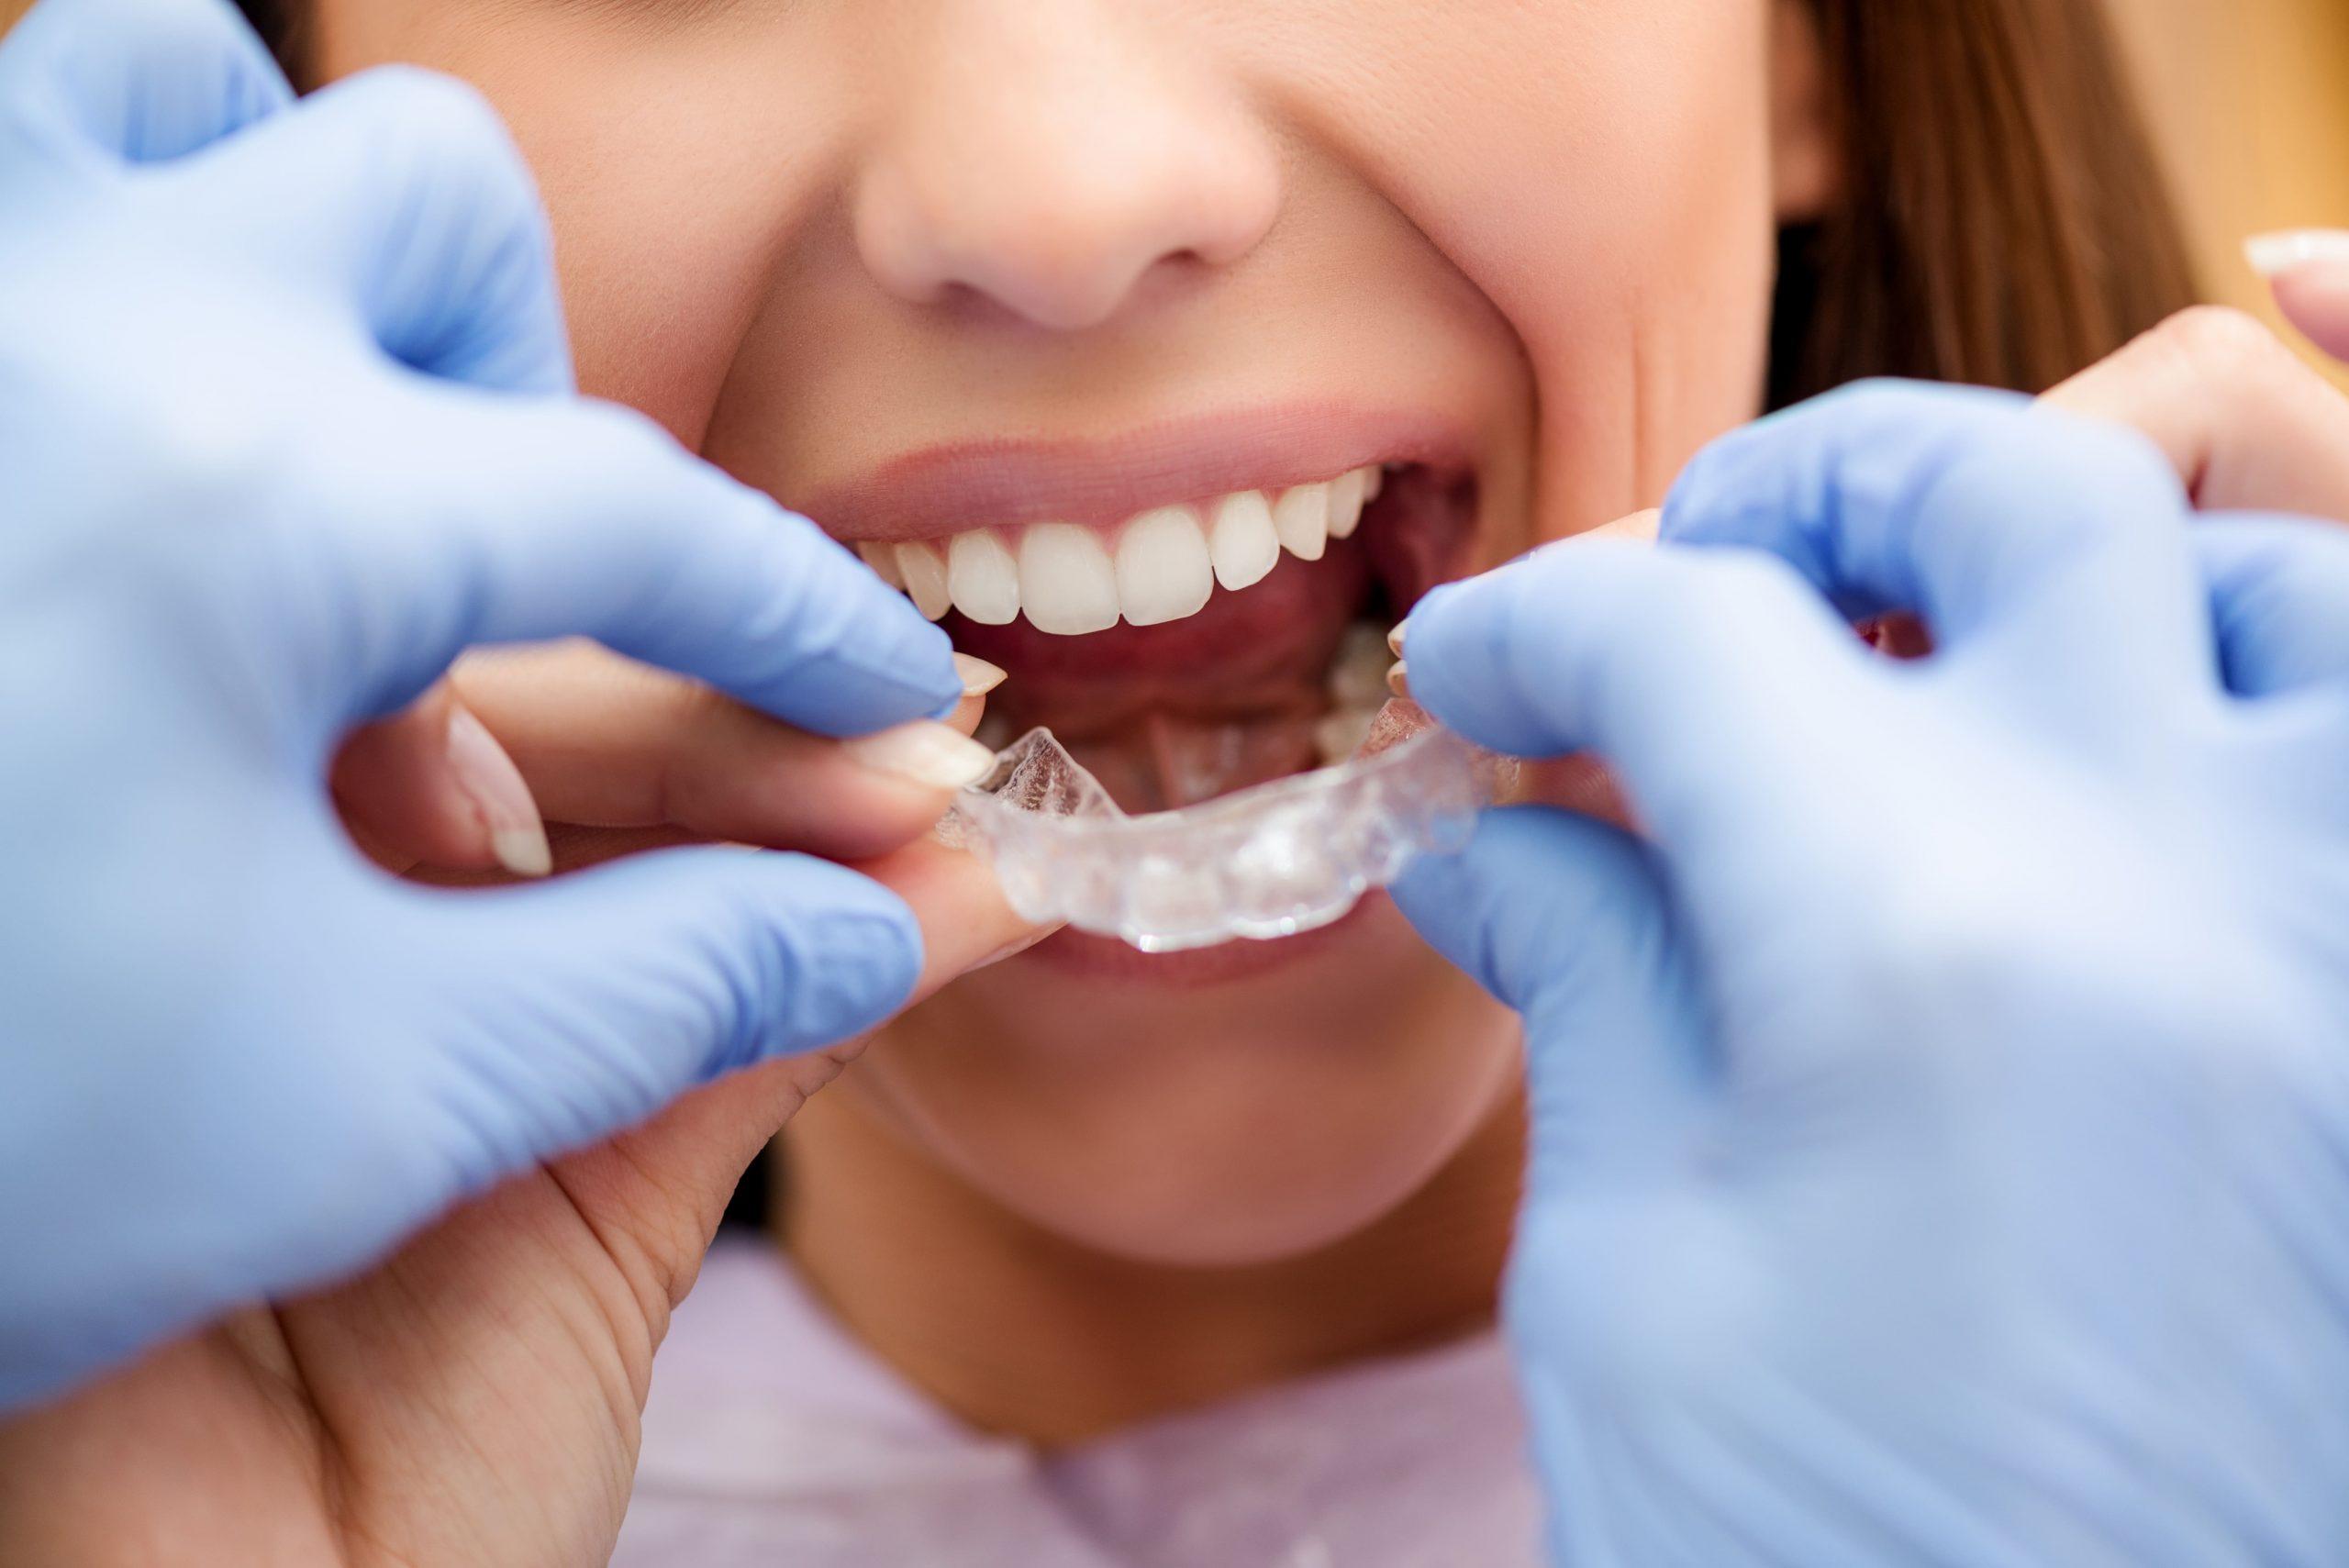 Para qué sirve una férula dental